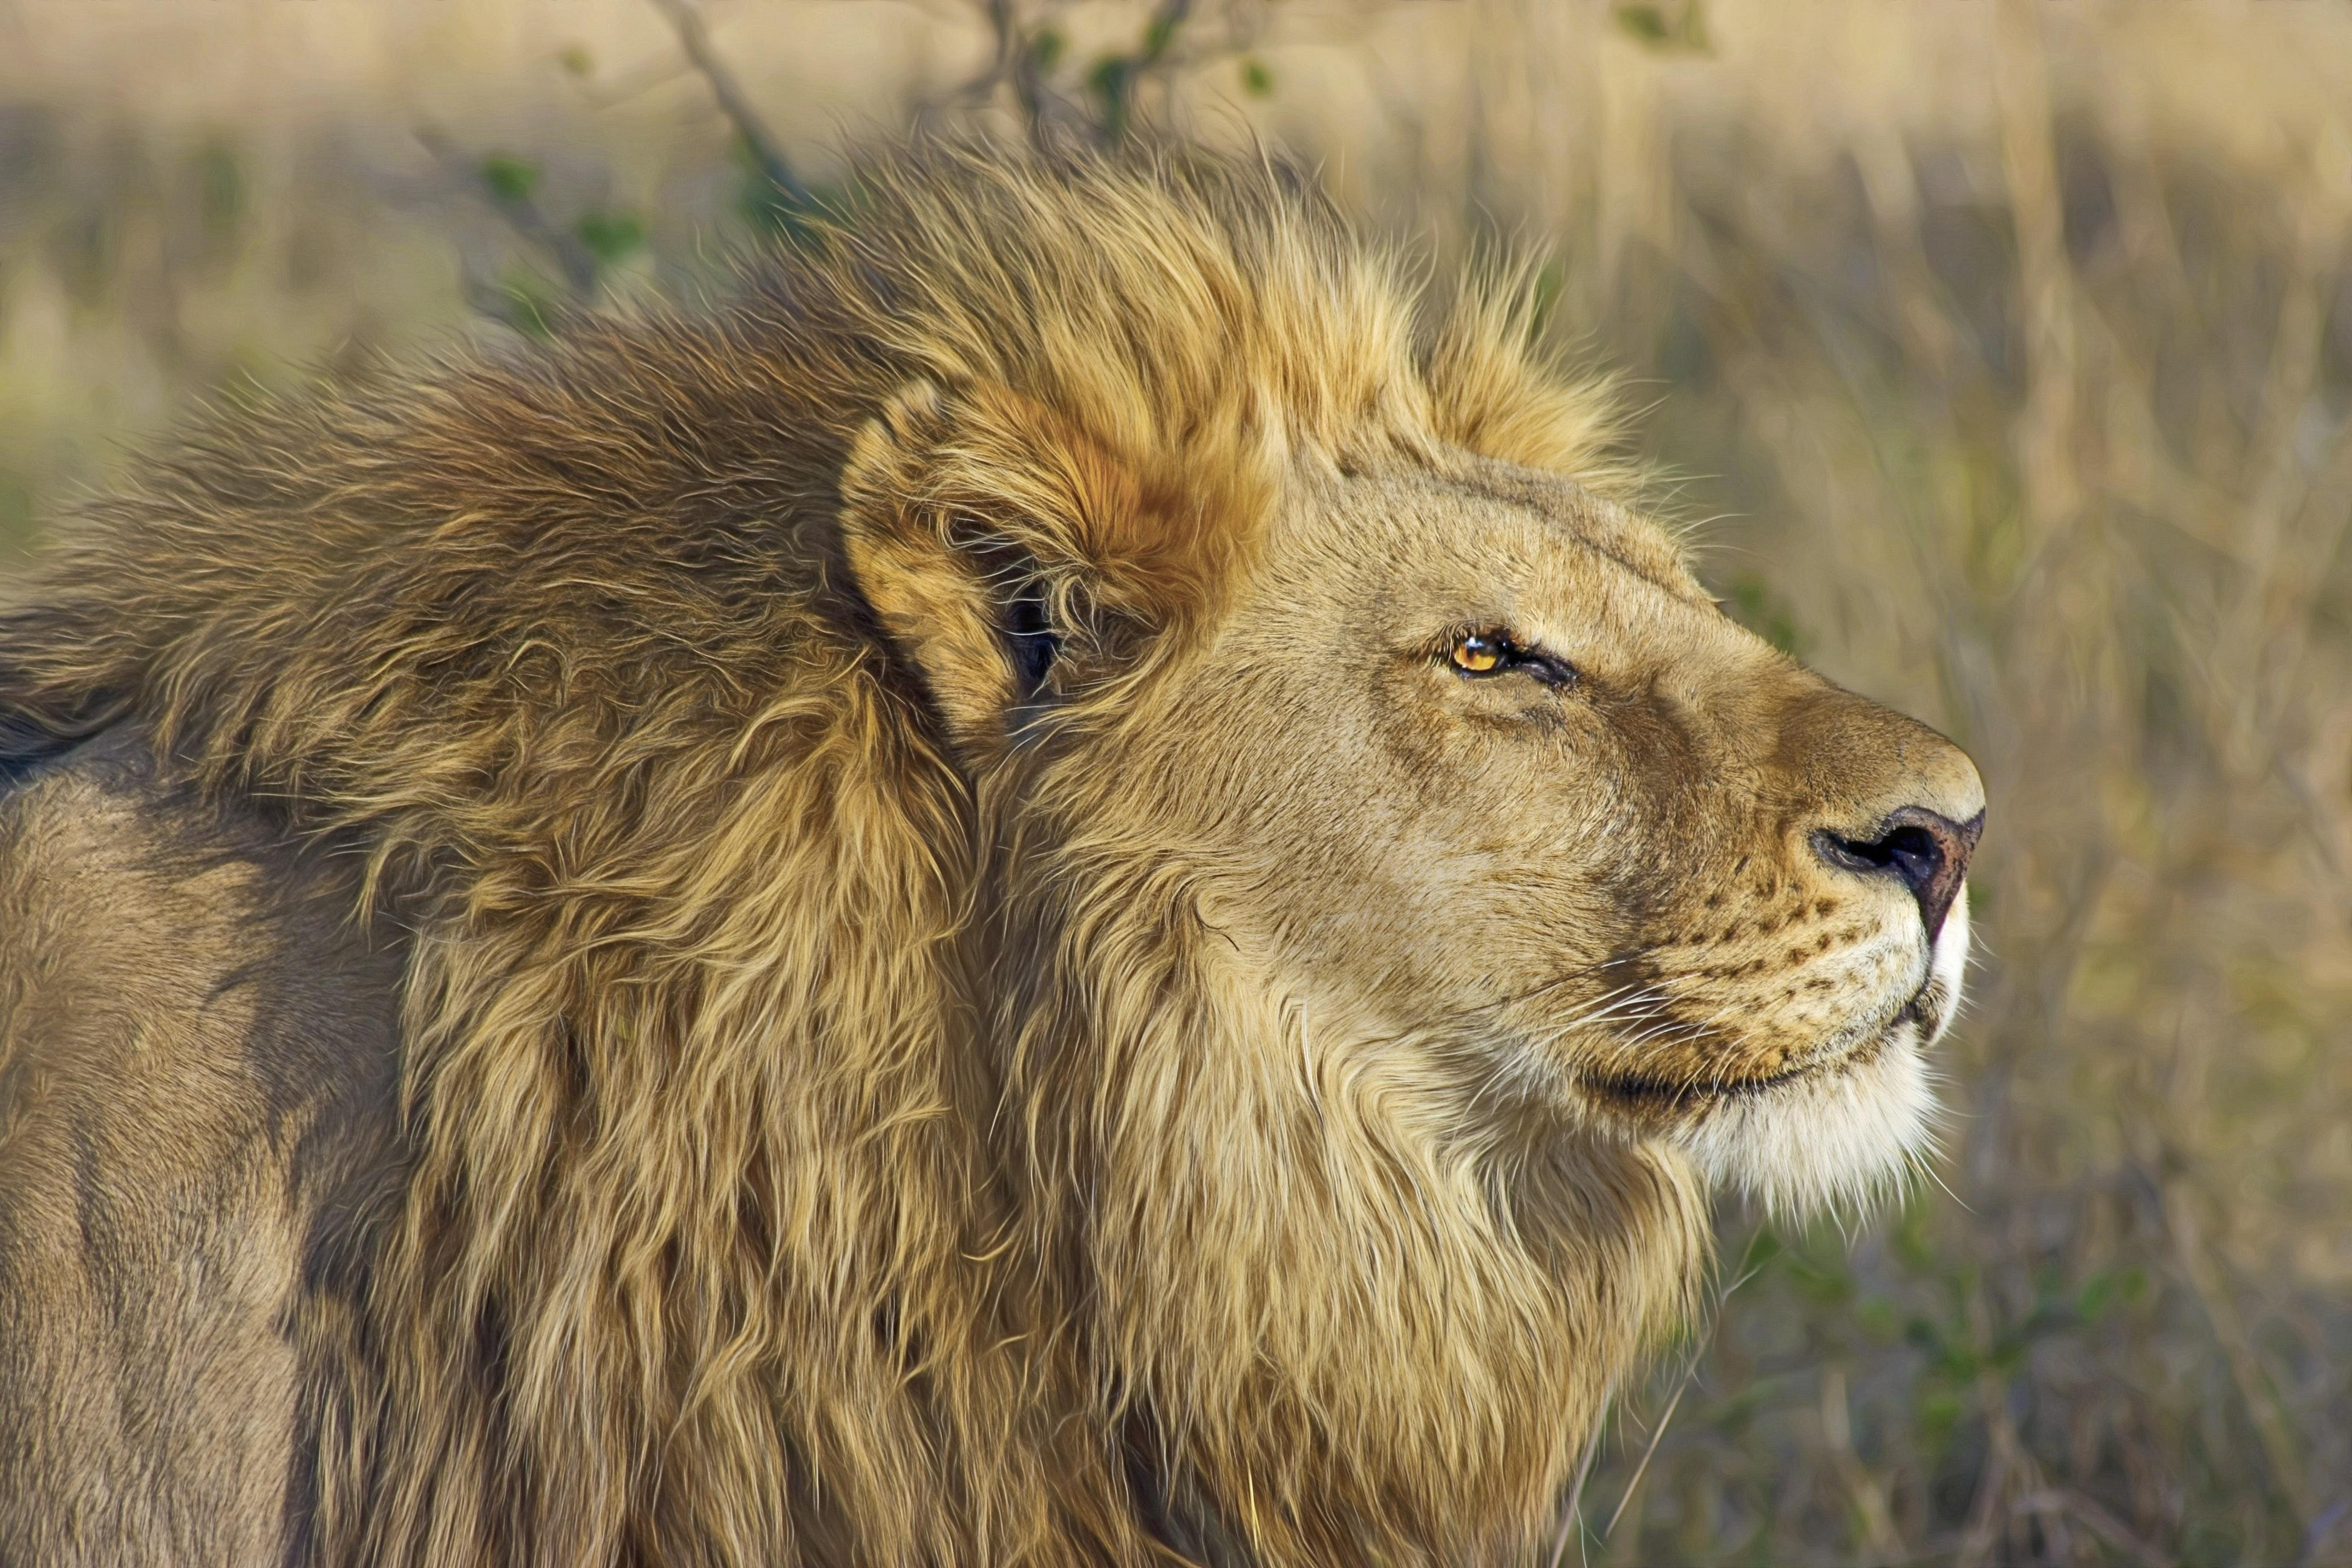 big-cat-blur-carnivore-46795